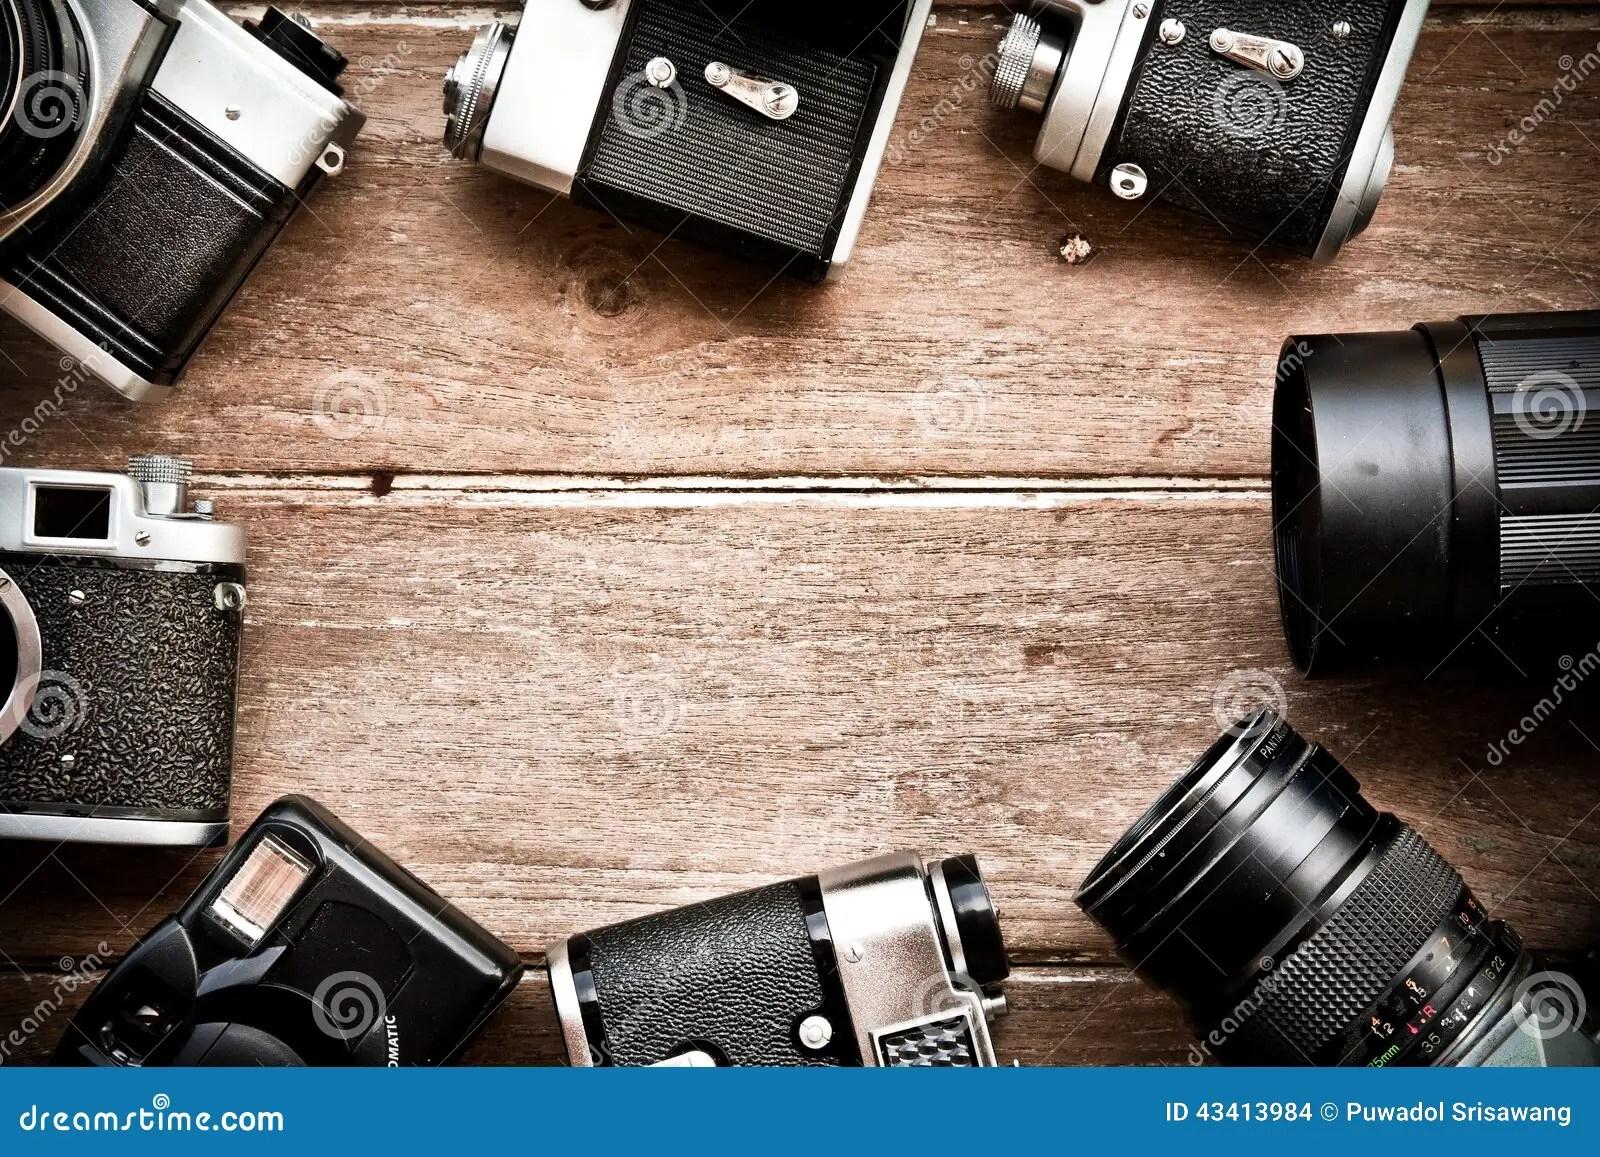 Vintage Camera Background Stock Photo  Image 43413984